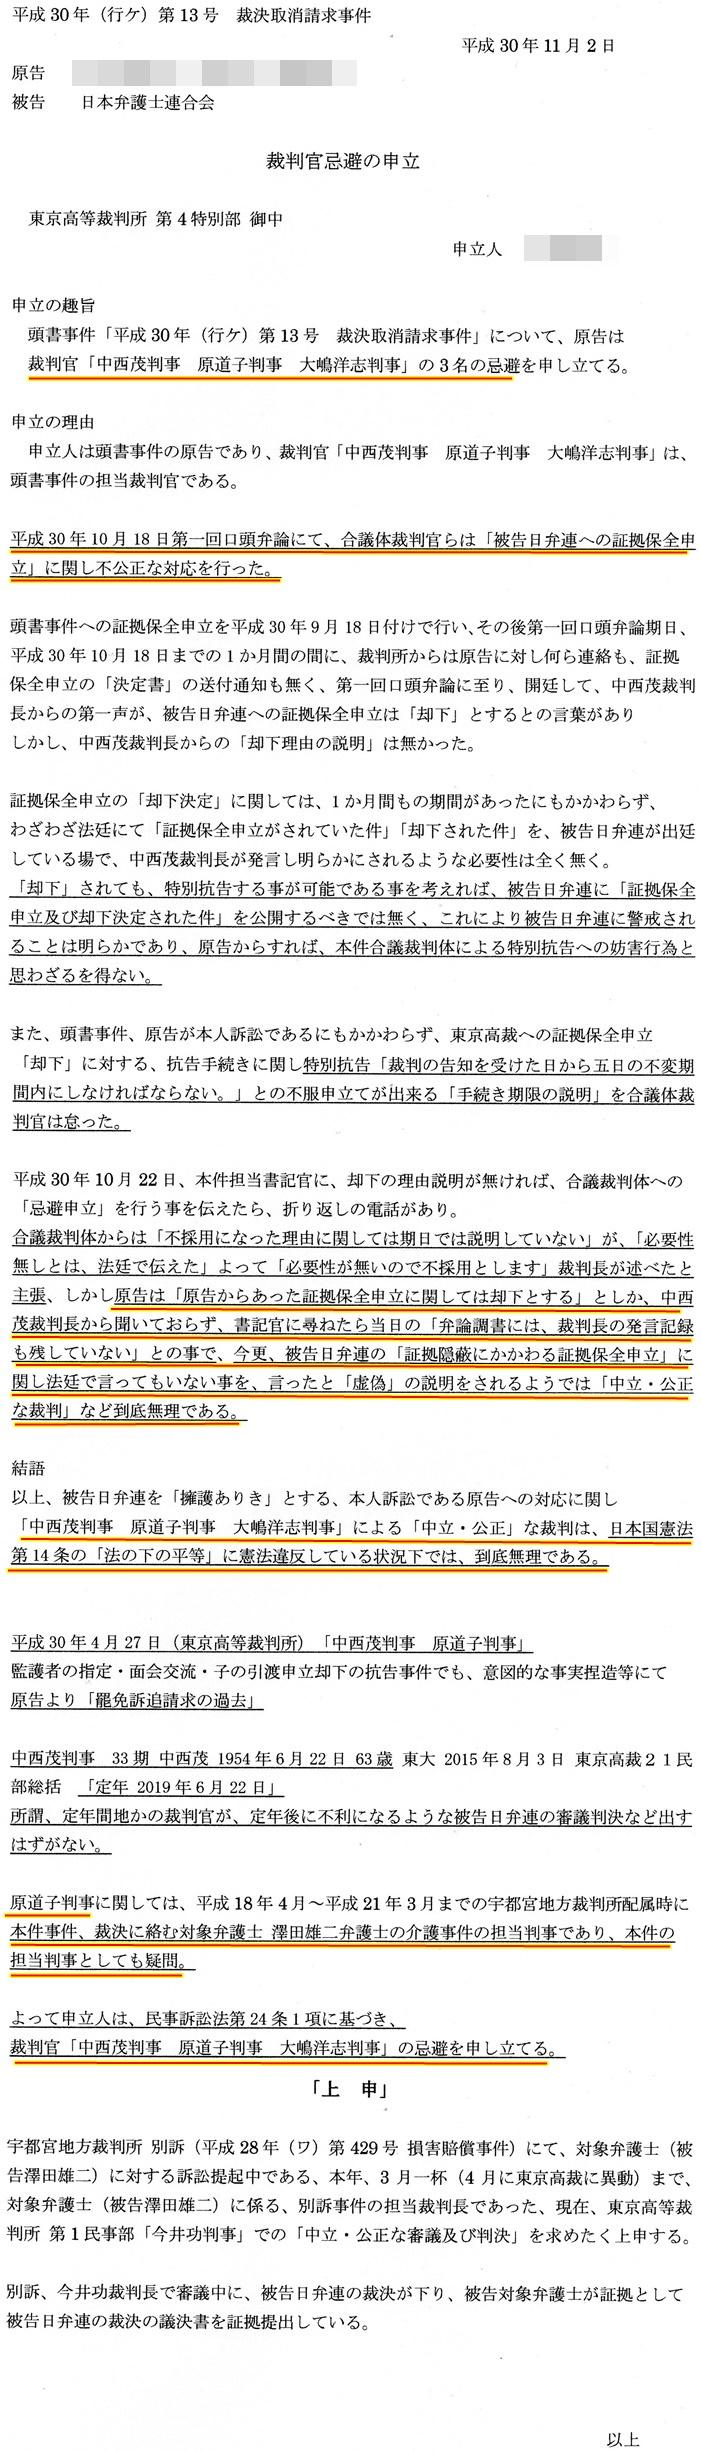 忌避申立・トンデモ裁判官「中西茂判事」「原道子判事」「大嶋洋志判事」東京高裁・被告日弁連